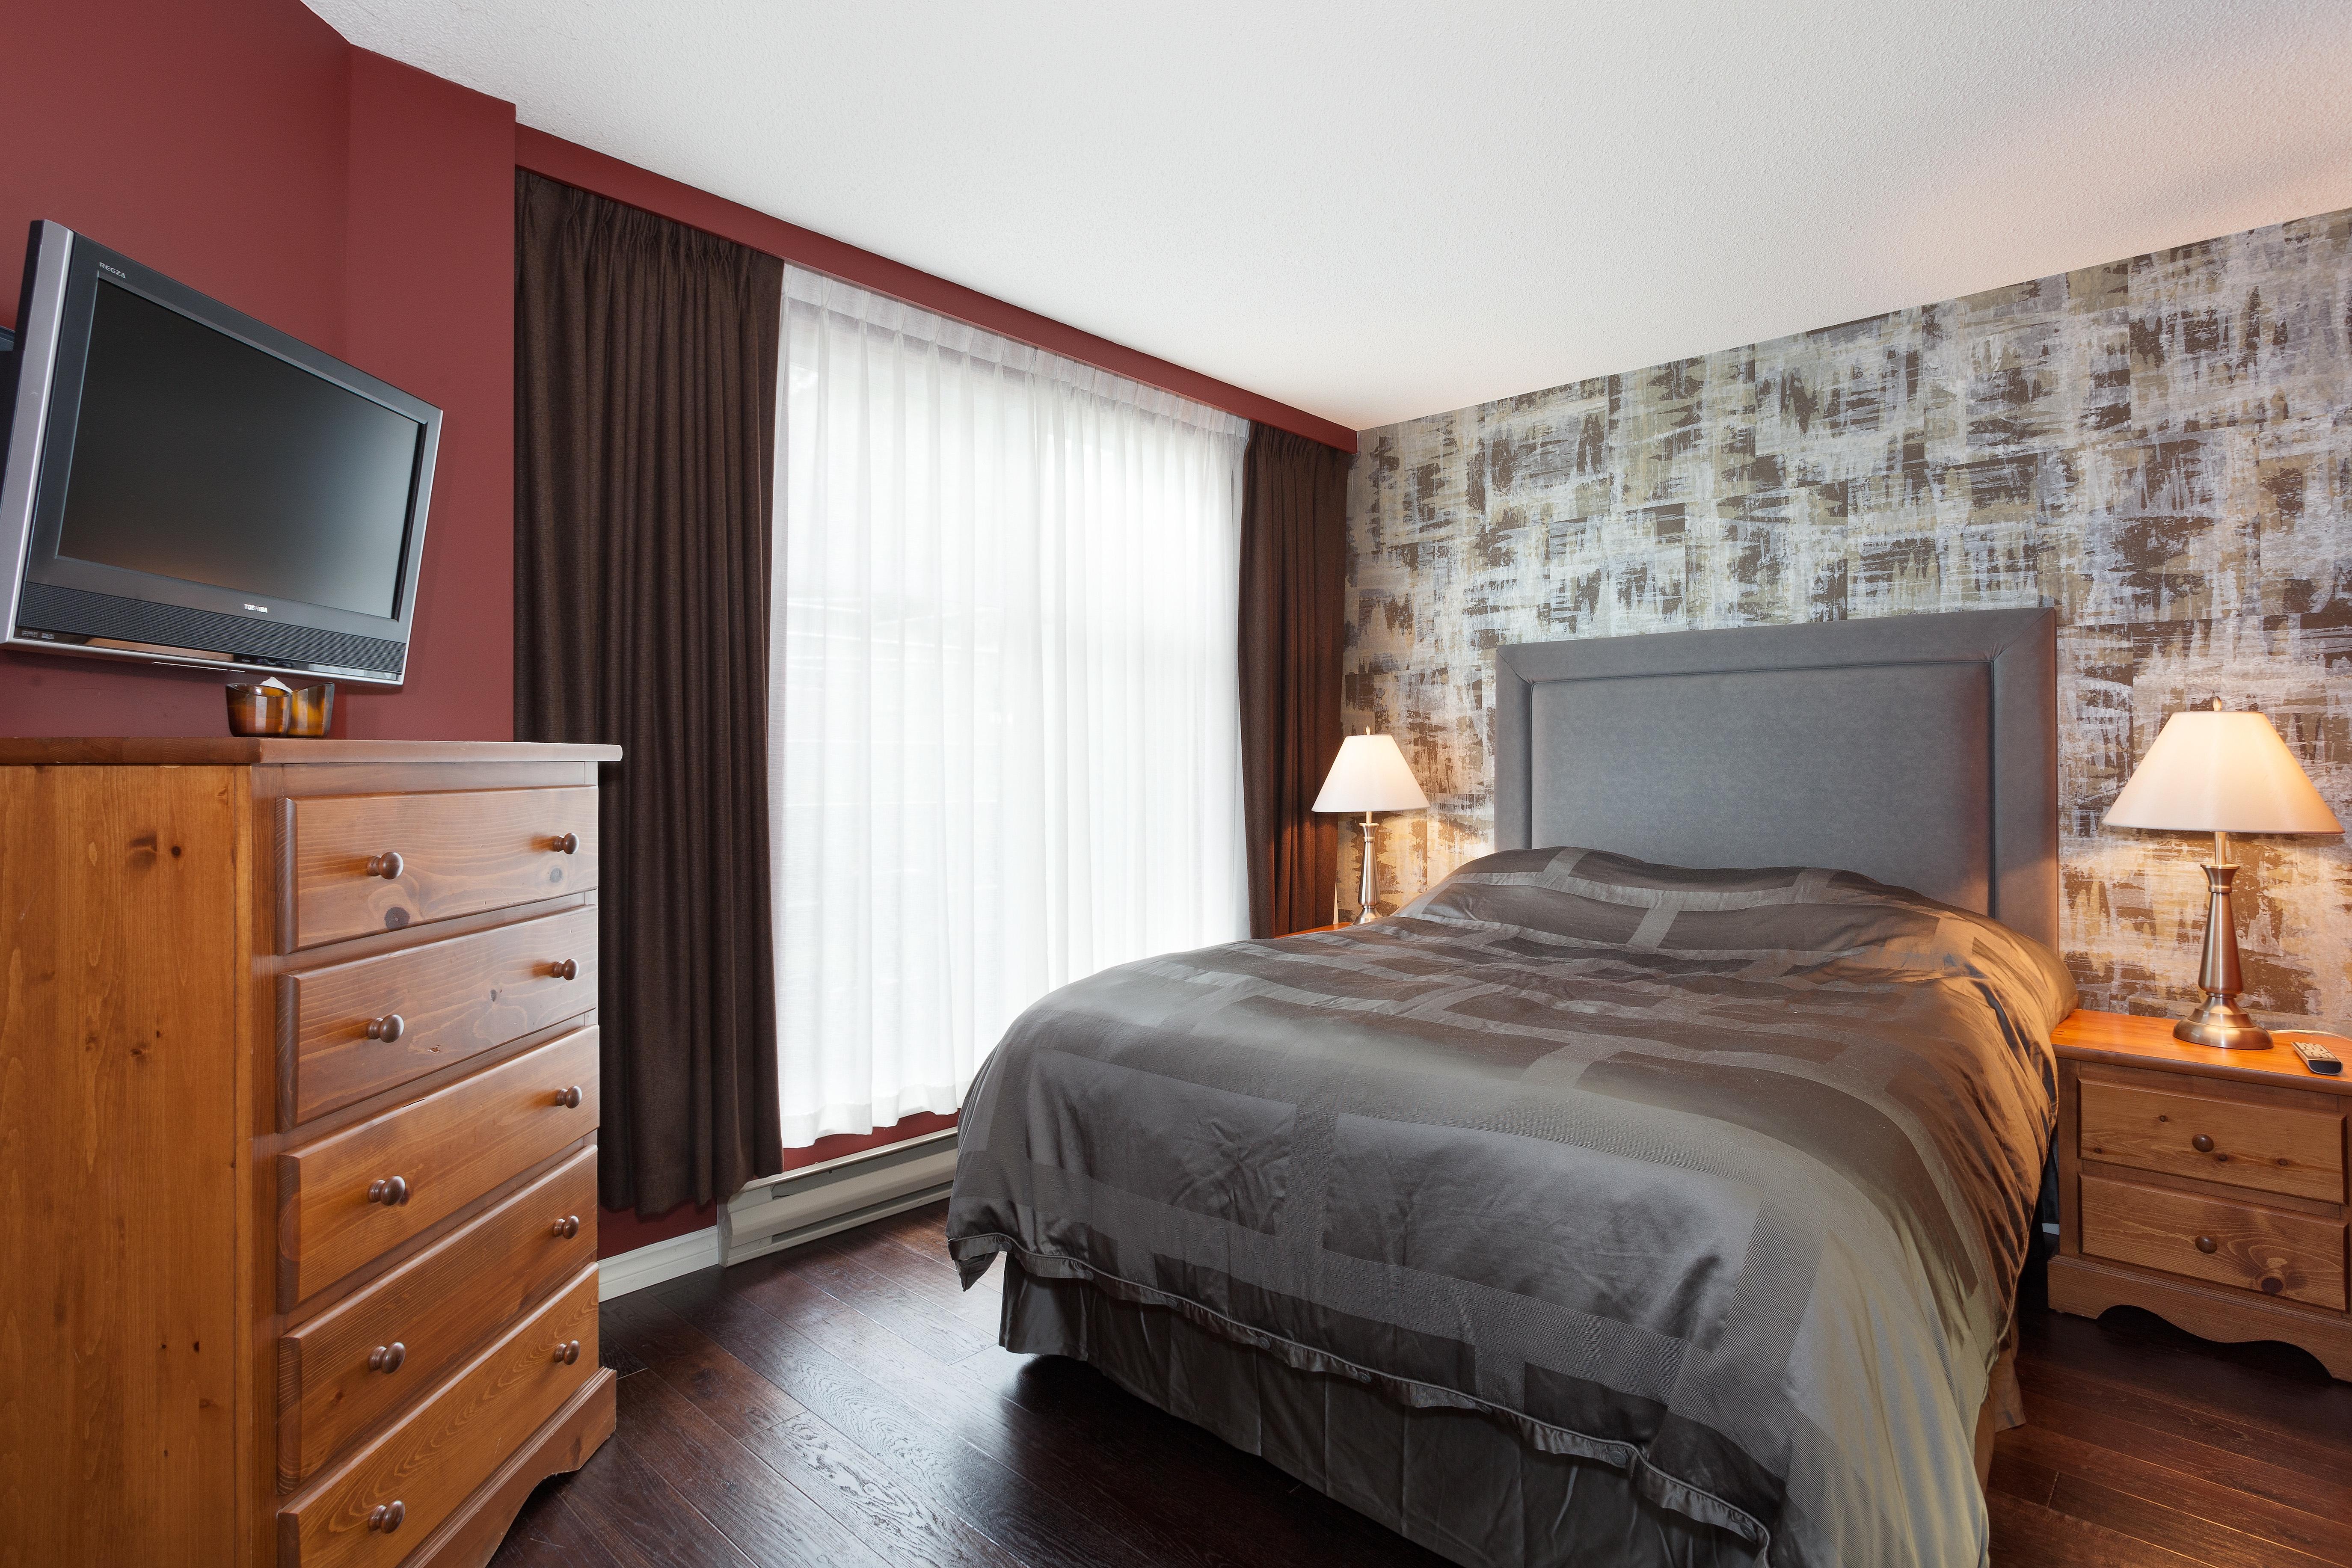 W106 Bedroom 1